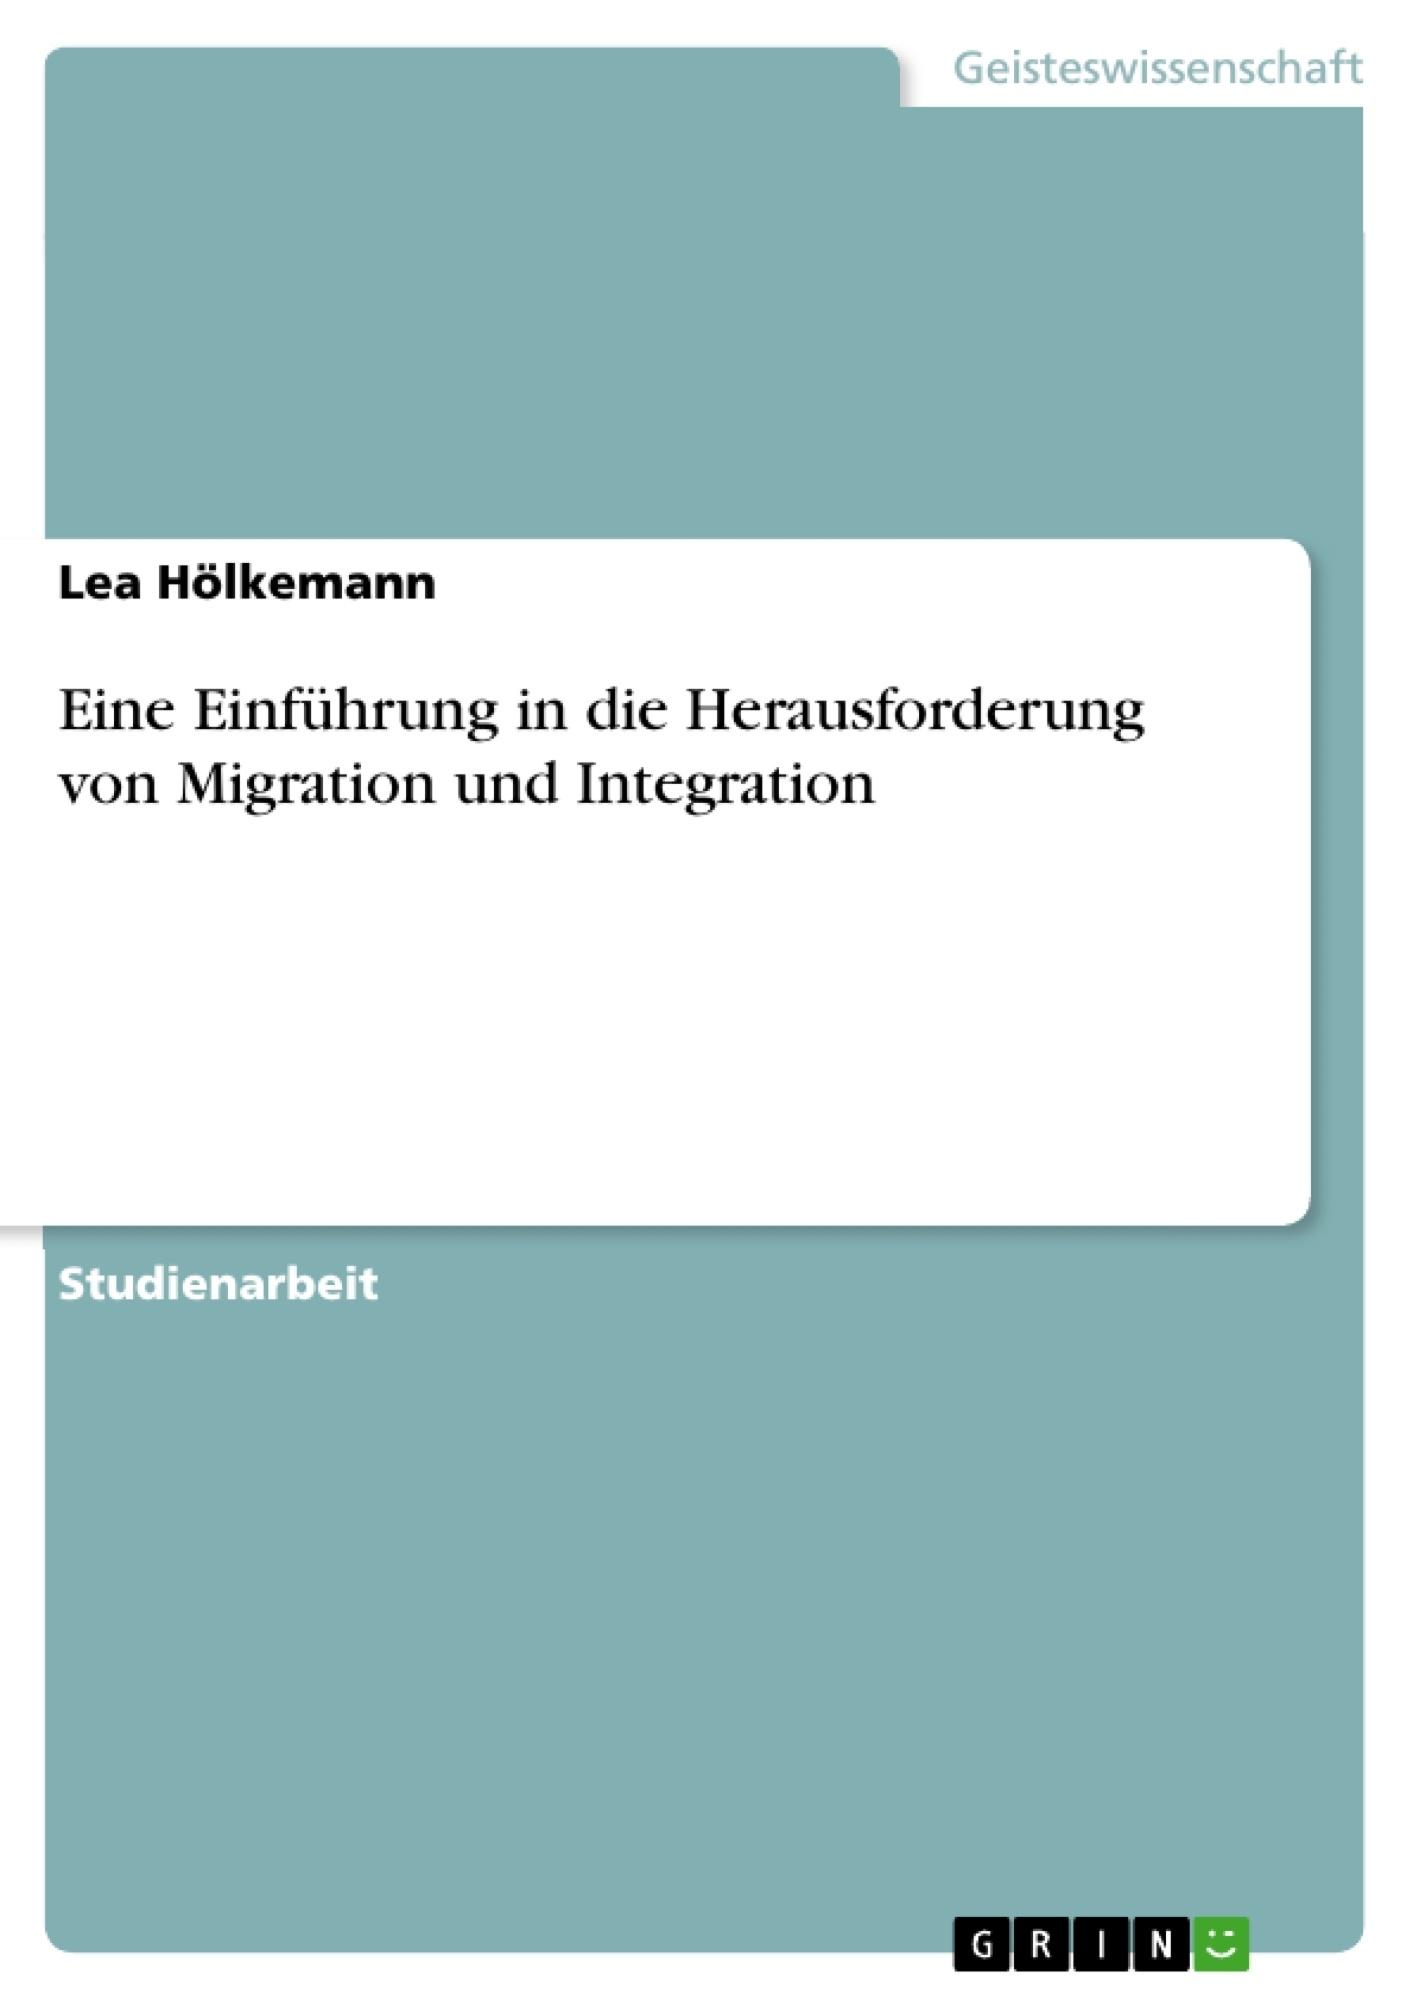 Titel: Eine Einführung in die Herausforderung von Migration und Integration